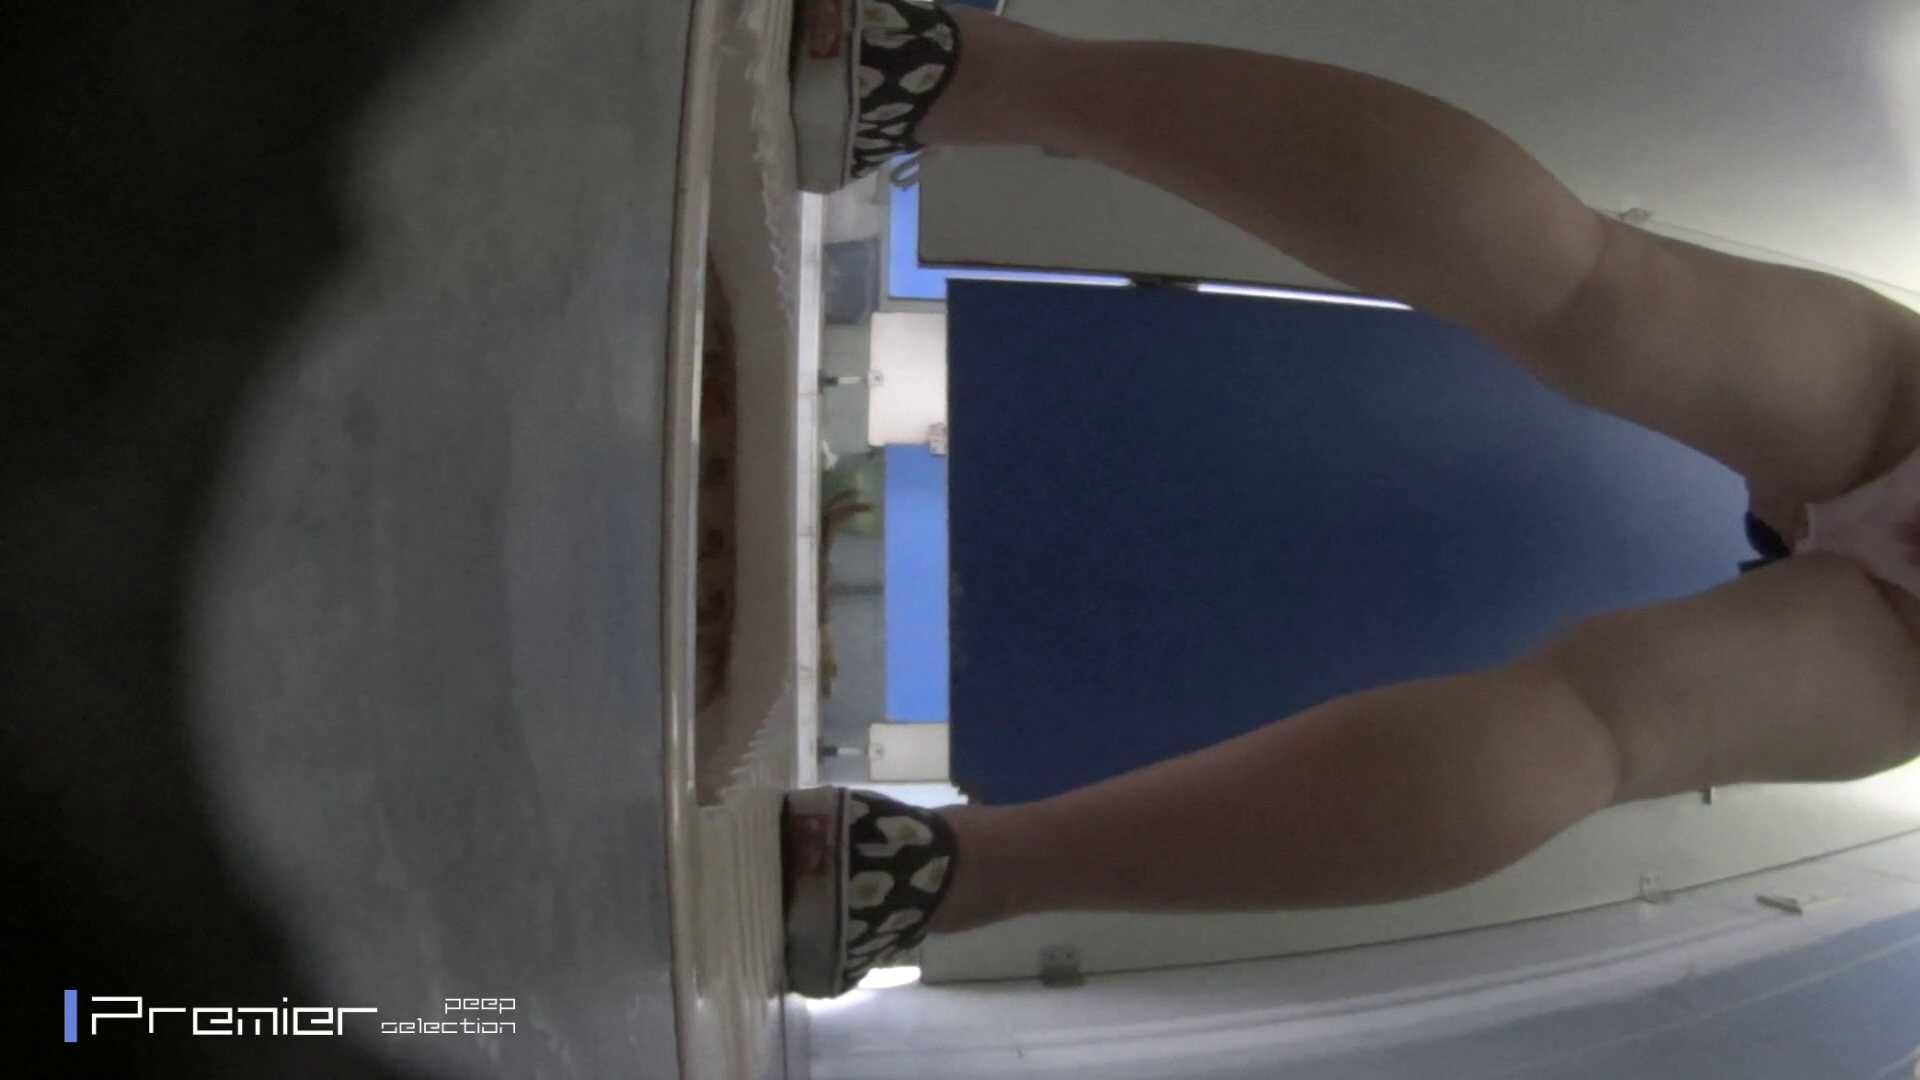 生理用ナプキン交換 大学休憩時間の洗面所事情77 美女達のヌード   お姉さん達のヌード  98連発 76